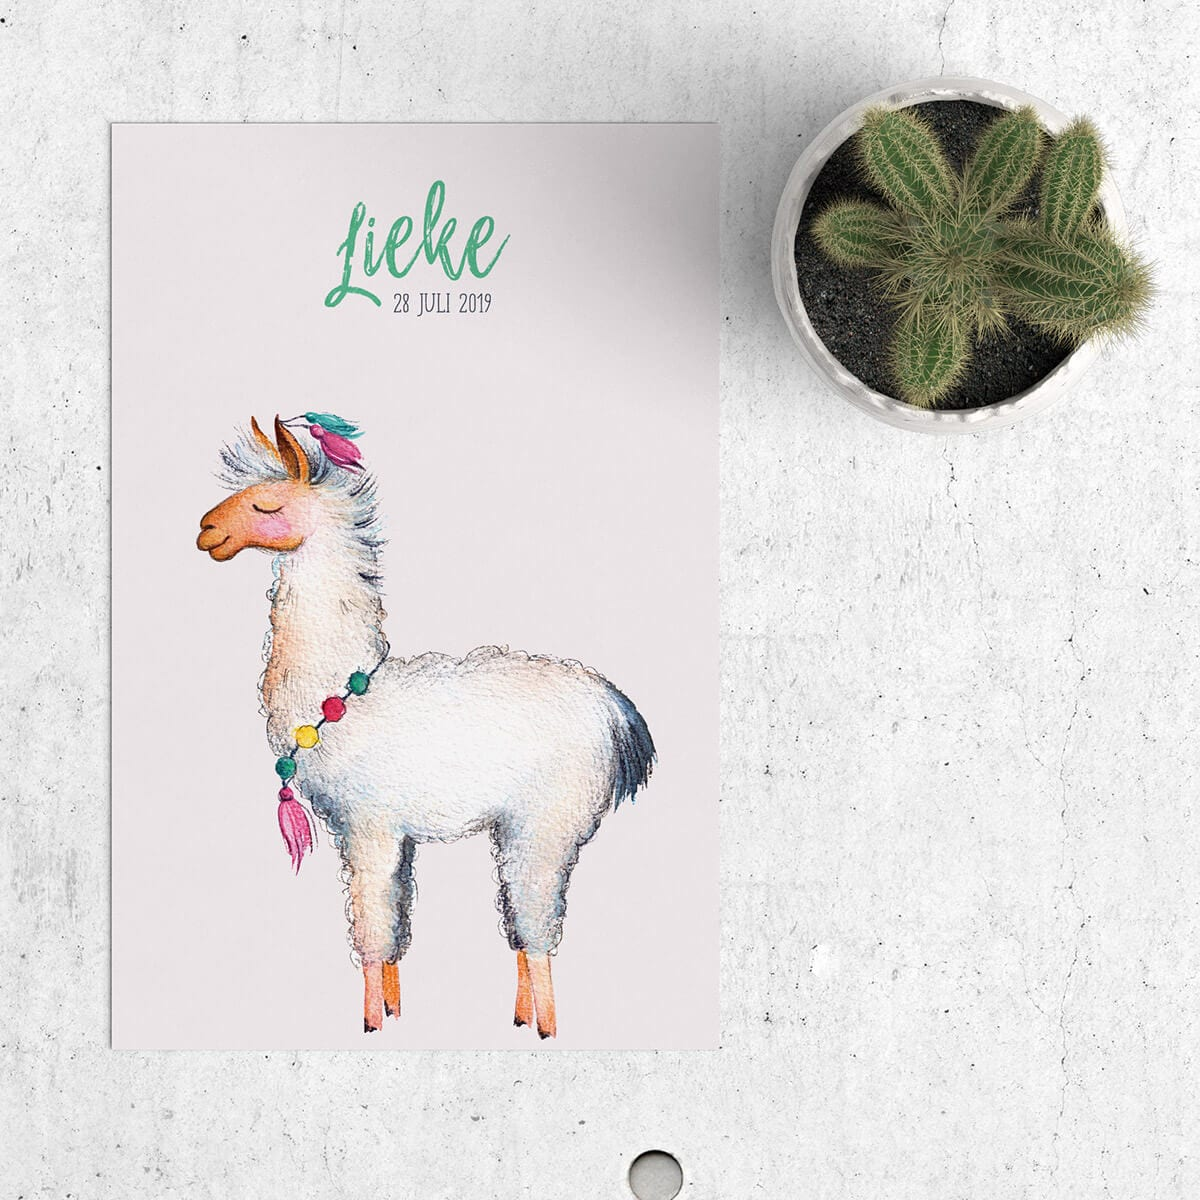 Geboortekaartje Lieve Lama is een origineel en apart kaartje, vooral omdat er een Lama op staat! Een dier dat je niet vaak tegenkomt op geboortekaartjes. Onderdeel van lieve geboortekaartjes.